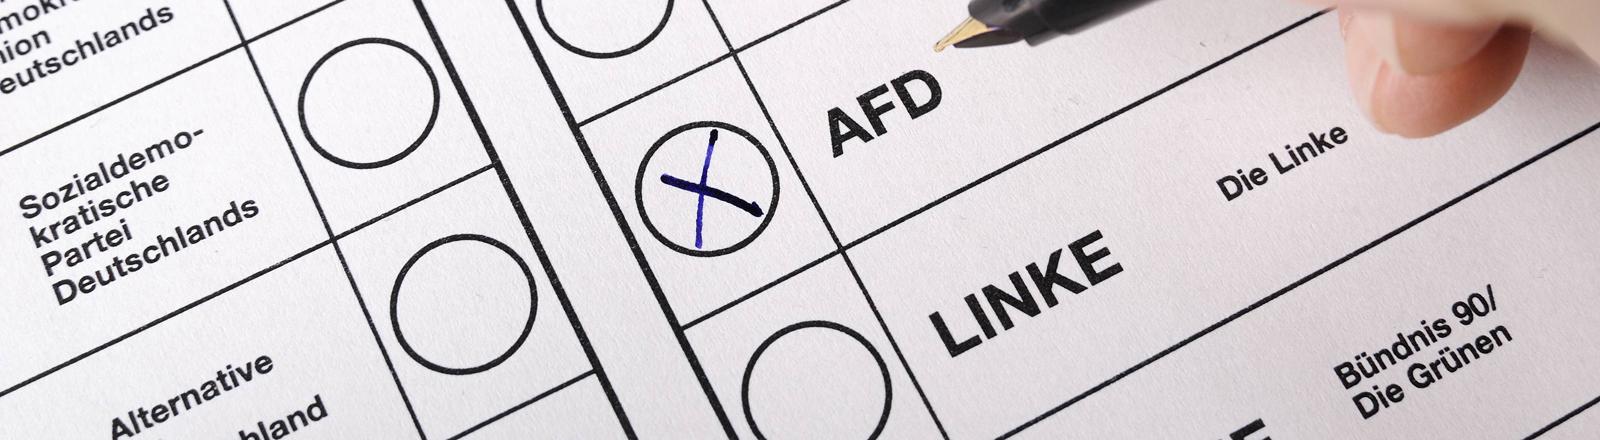 Kreuz bei der AFD auf dem Wahlschein.